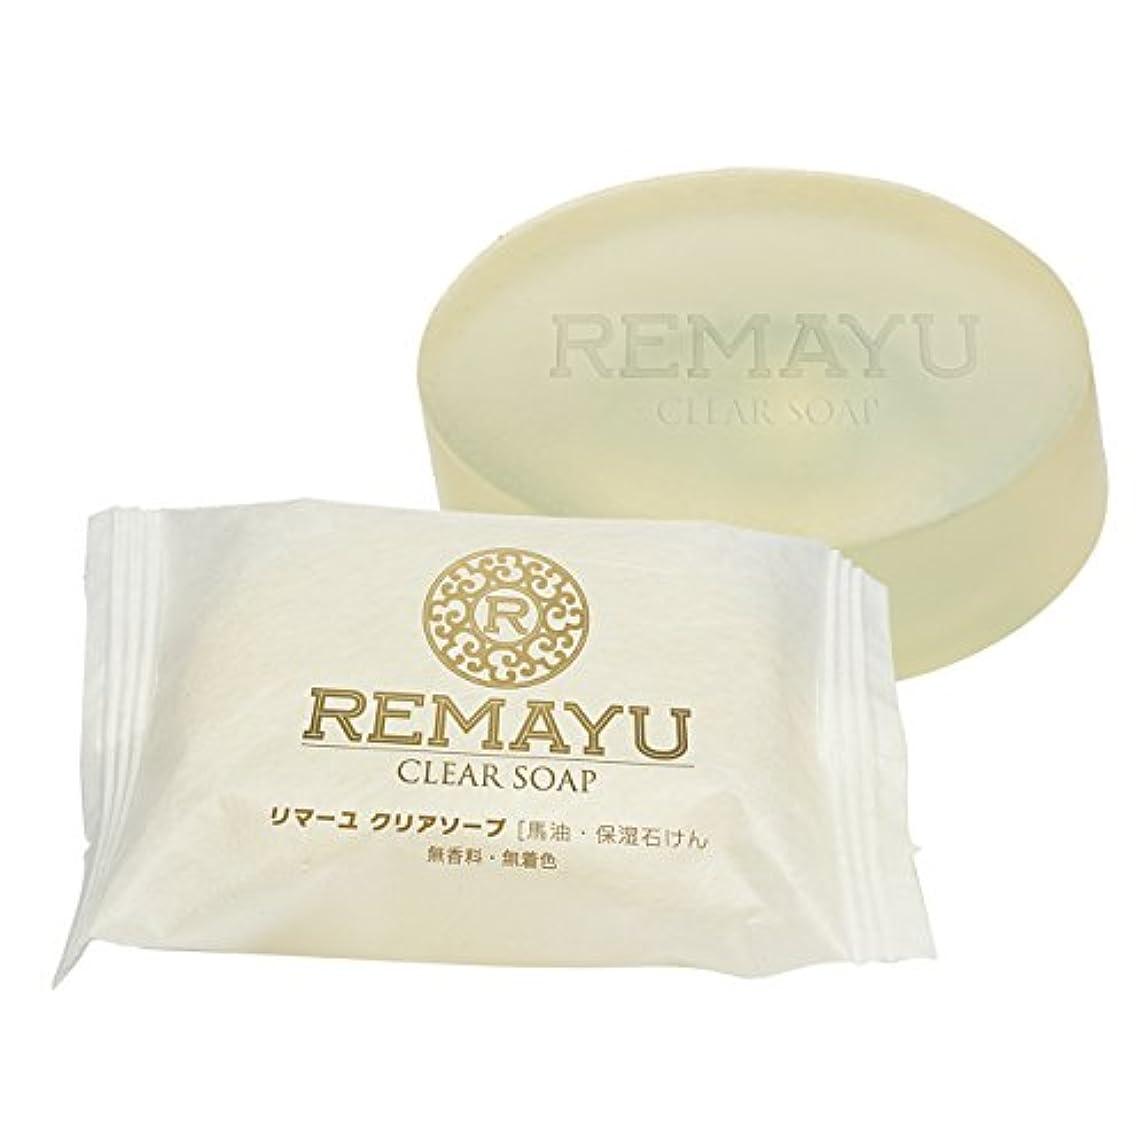 預言者方程式アトミックリマーユ クリアソープ 90g 馬油 リバテープ製薬 日本製 ばゆ石鹸 ばゆ洗顔